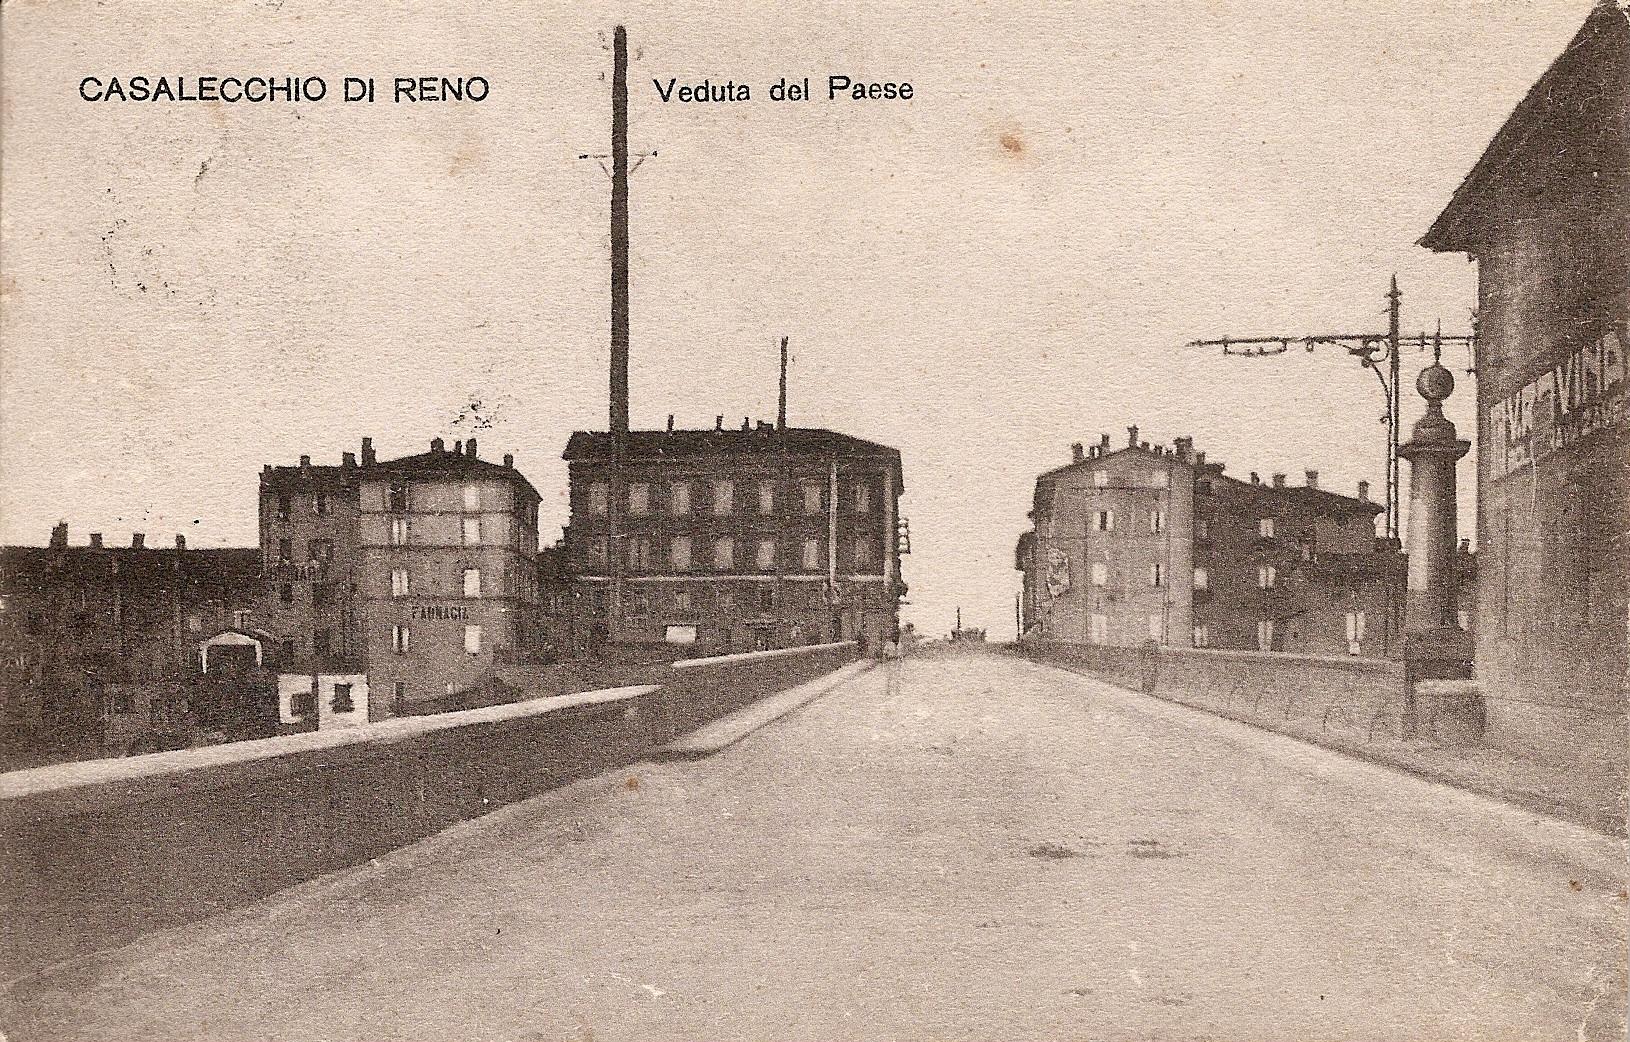 Il ponte dopo l'allargamento della carreggiata e a destra la colonna sul pilastrino a ricordo dei lavori (Collezione M. Neri)